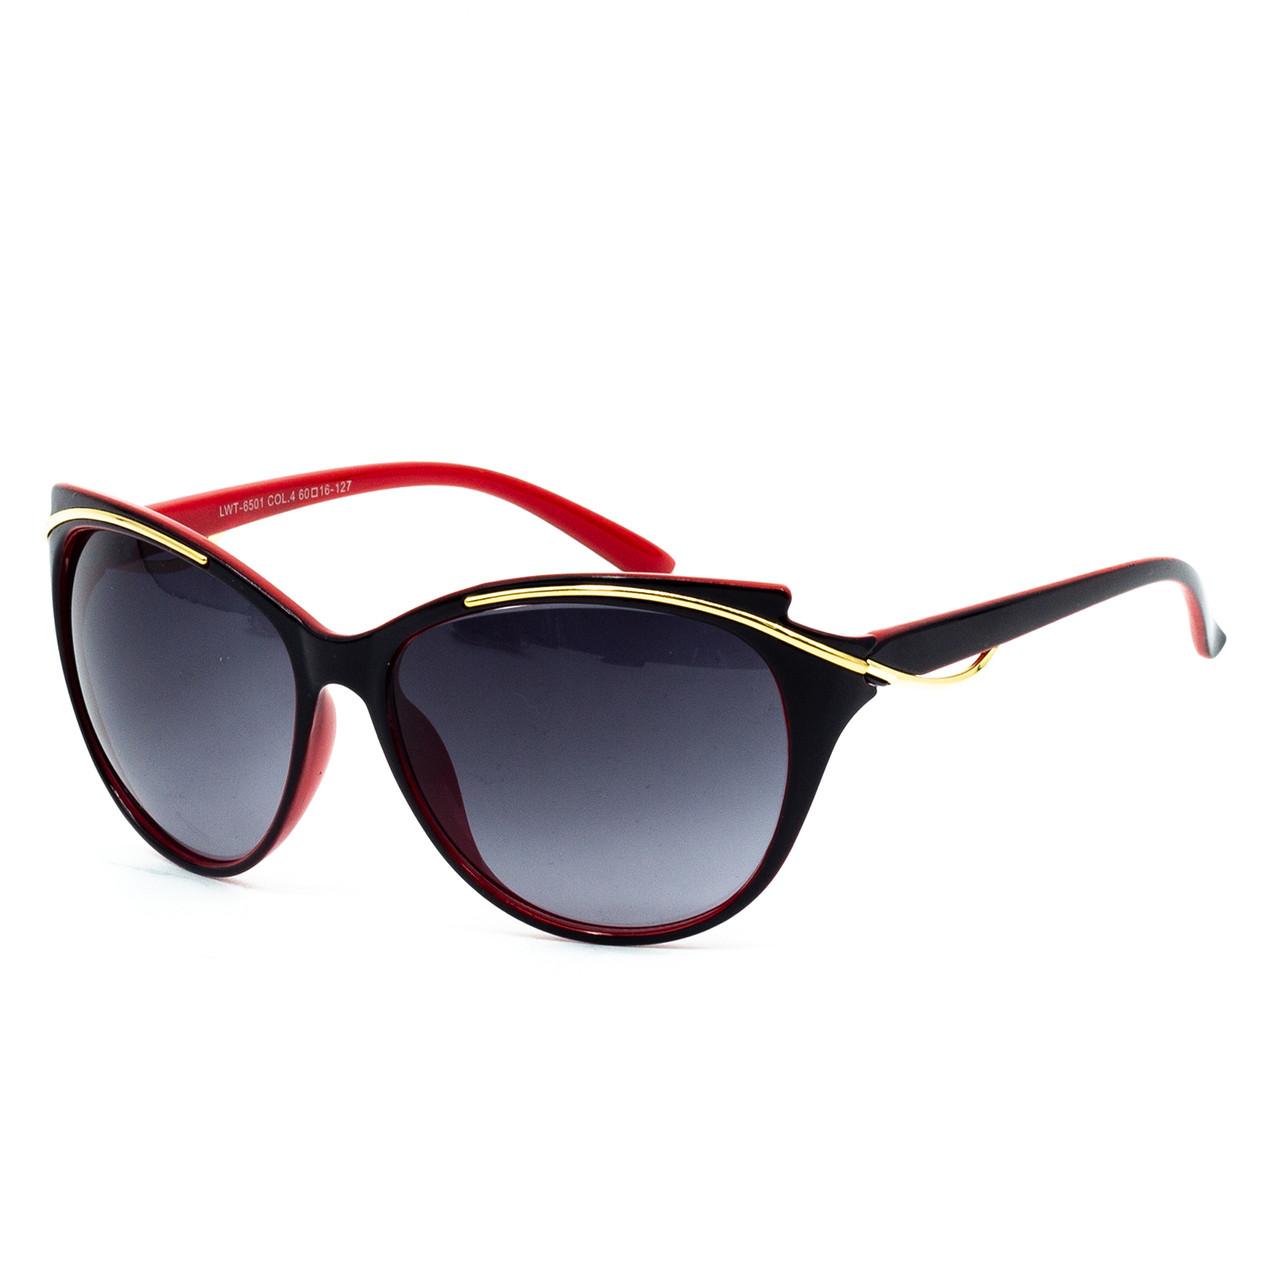 Сонцезахисні окуляри Luoweite LWT6501-1 C4 ( LWT6501-1-04 )